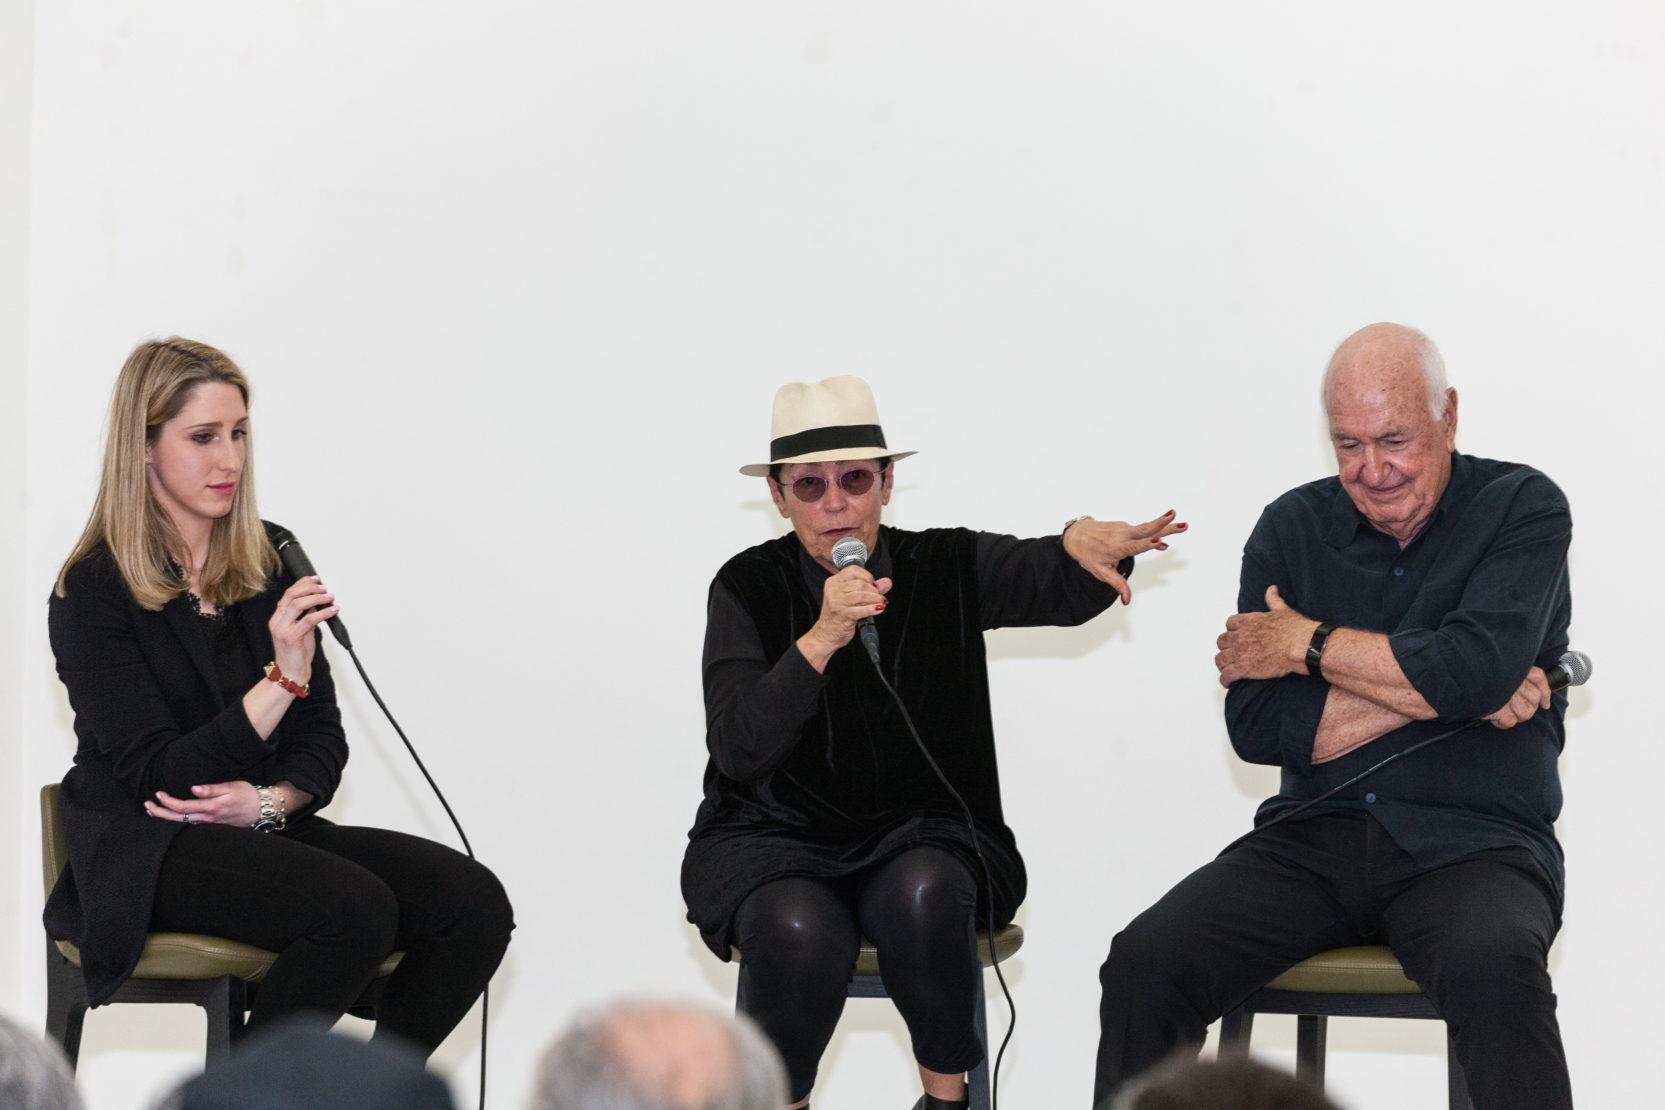 Allison Zuckerman, Mera and Don Rubell